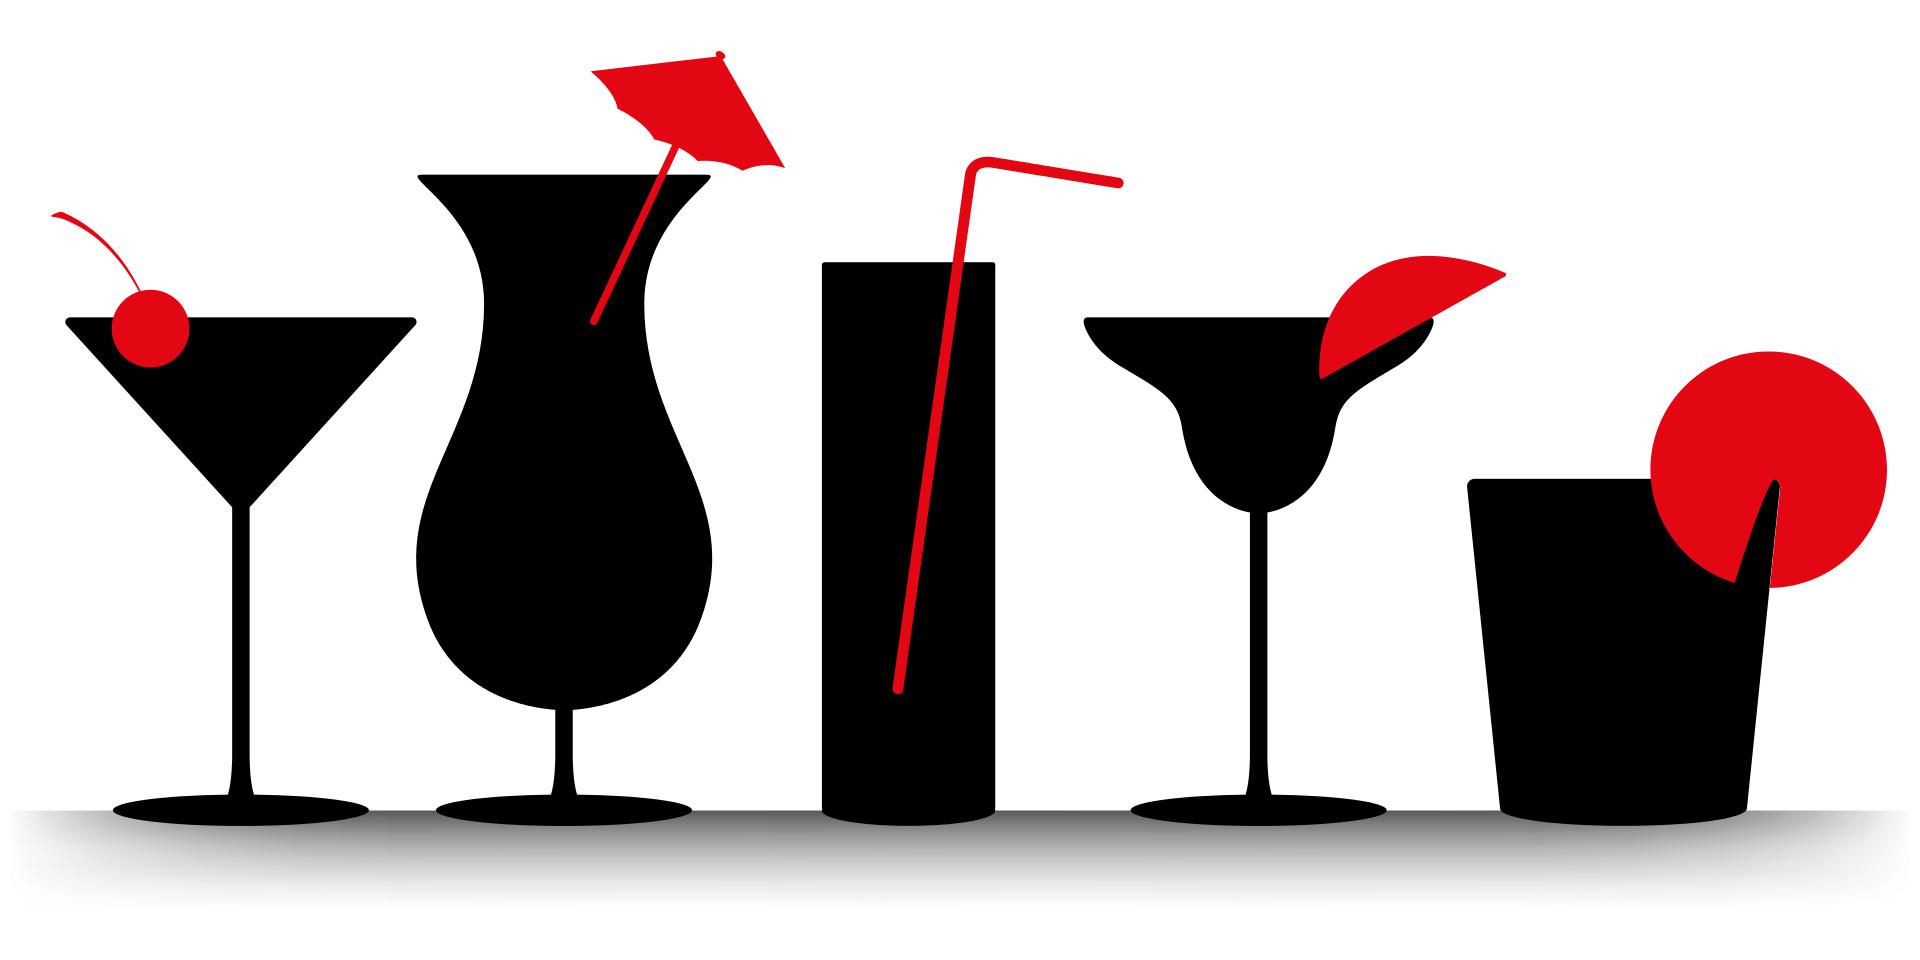 bebidas-halal-1920x960